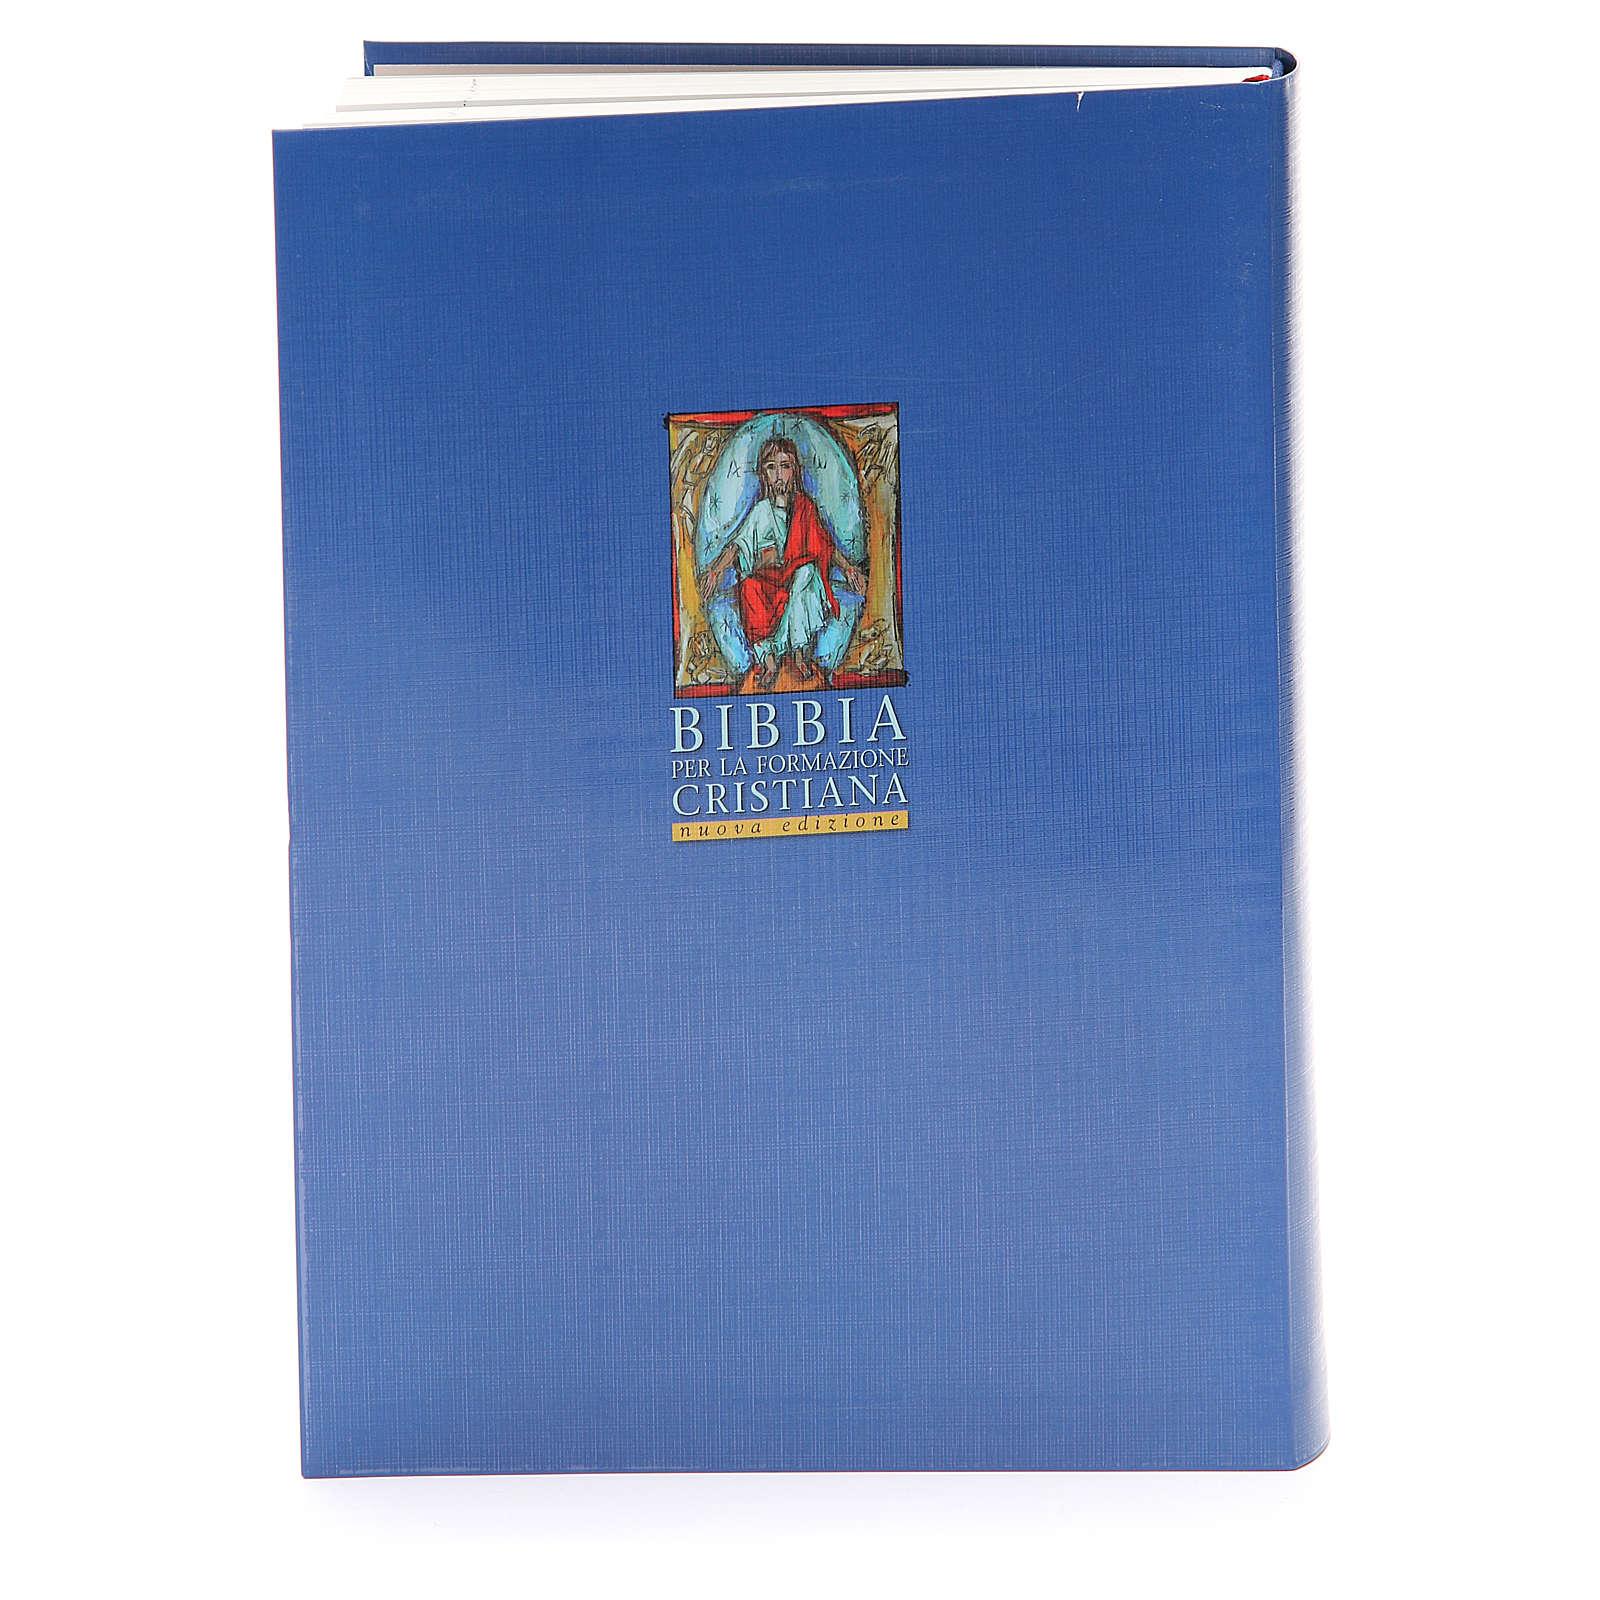 Bibbia per la formazione cristiana 4